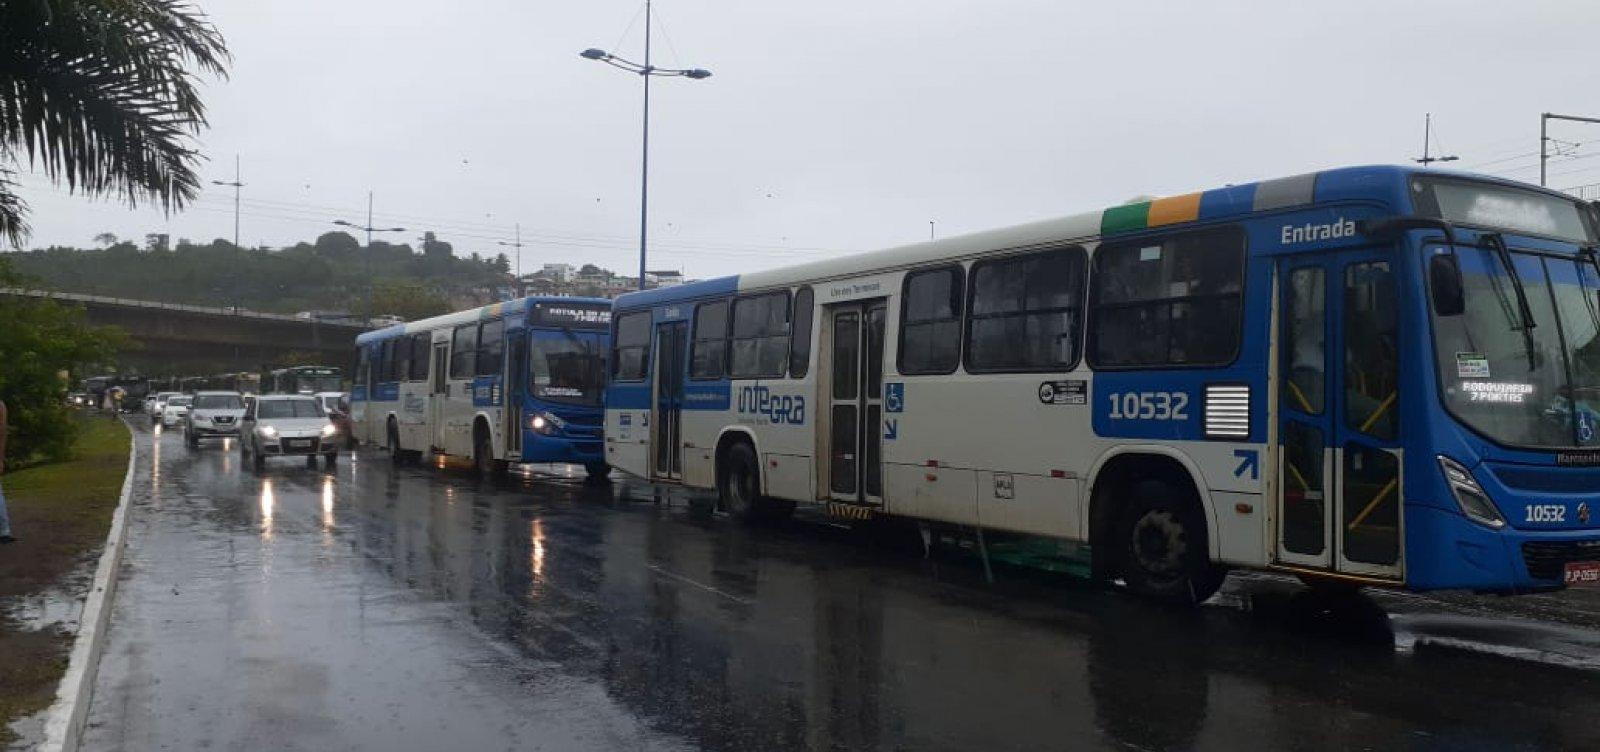 Chuva causa lentidão no sentido Rótula do Abacaxi da Avenida Antônio Carlos Magalhães